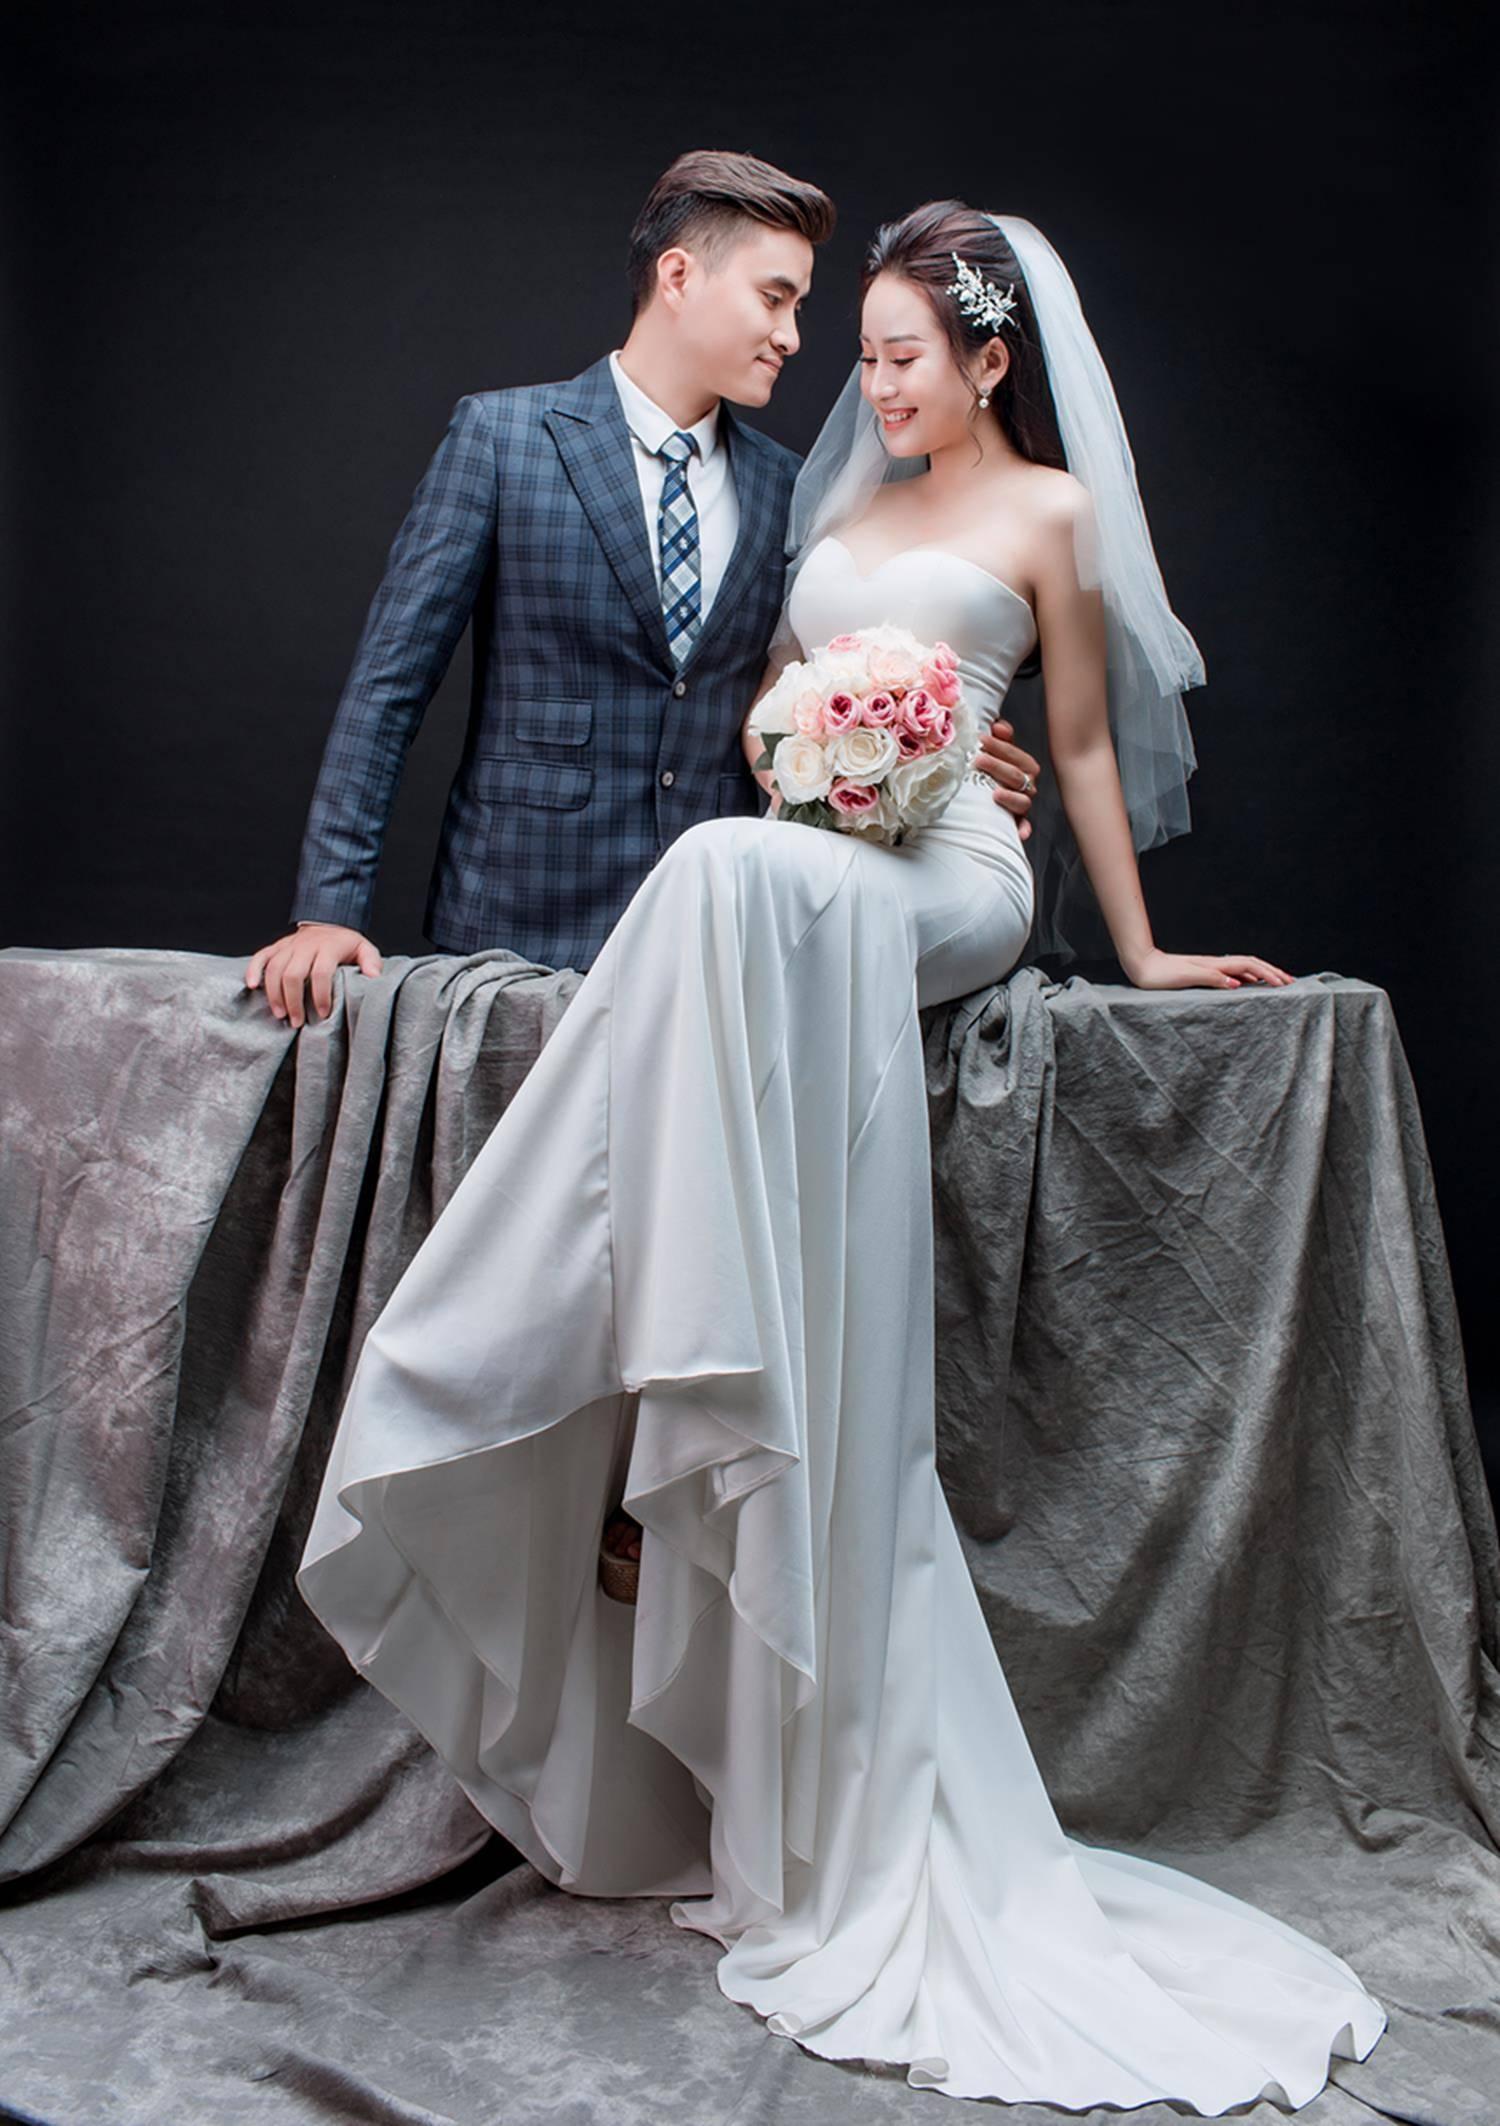 Ảnh cưới của vua kiếm chém và người vợ xinh đẹp-10